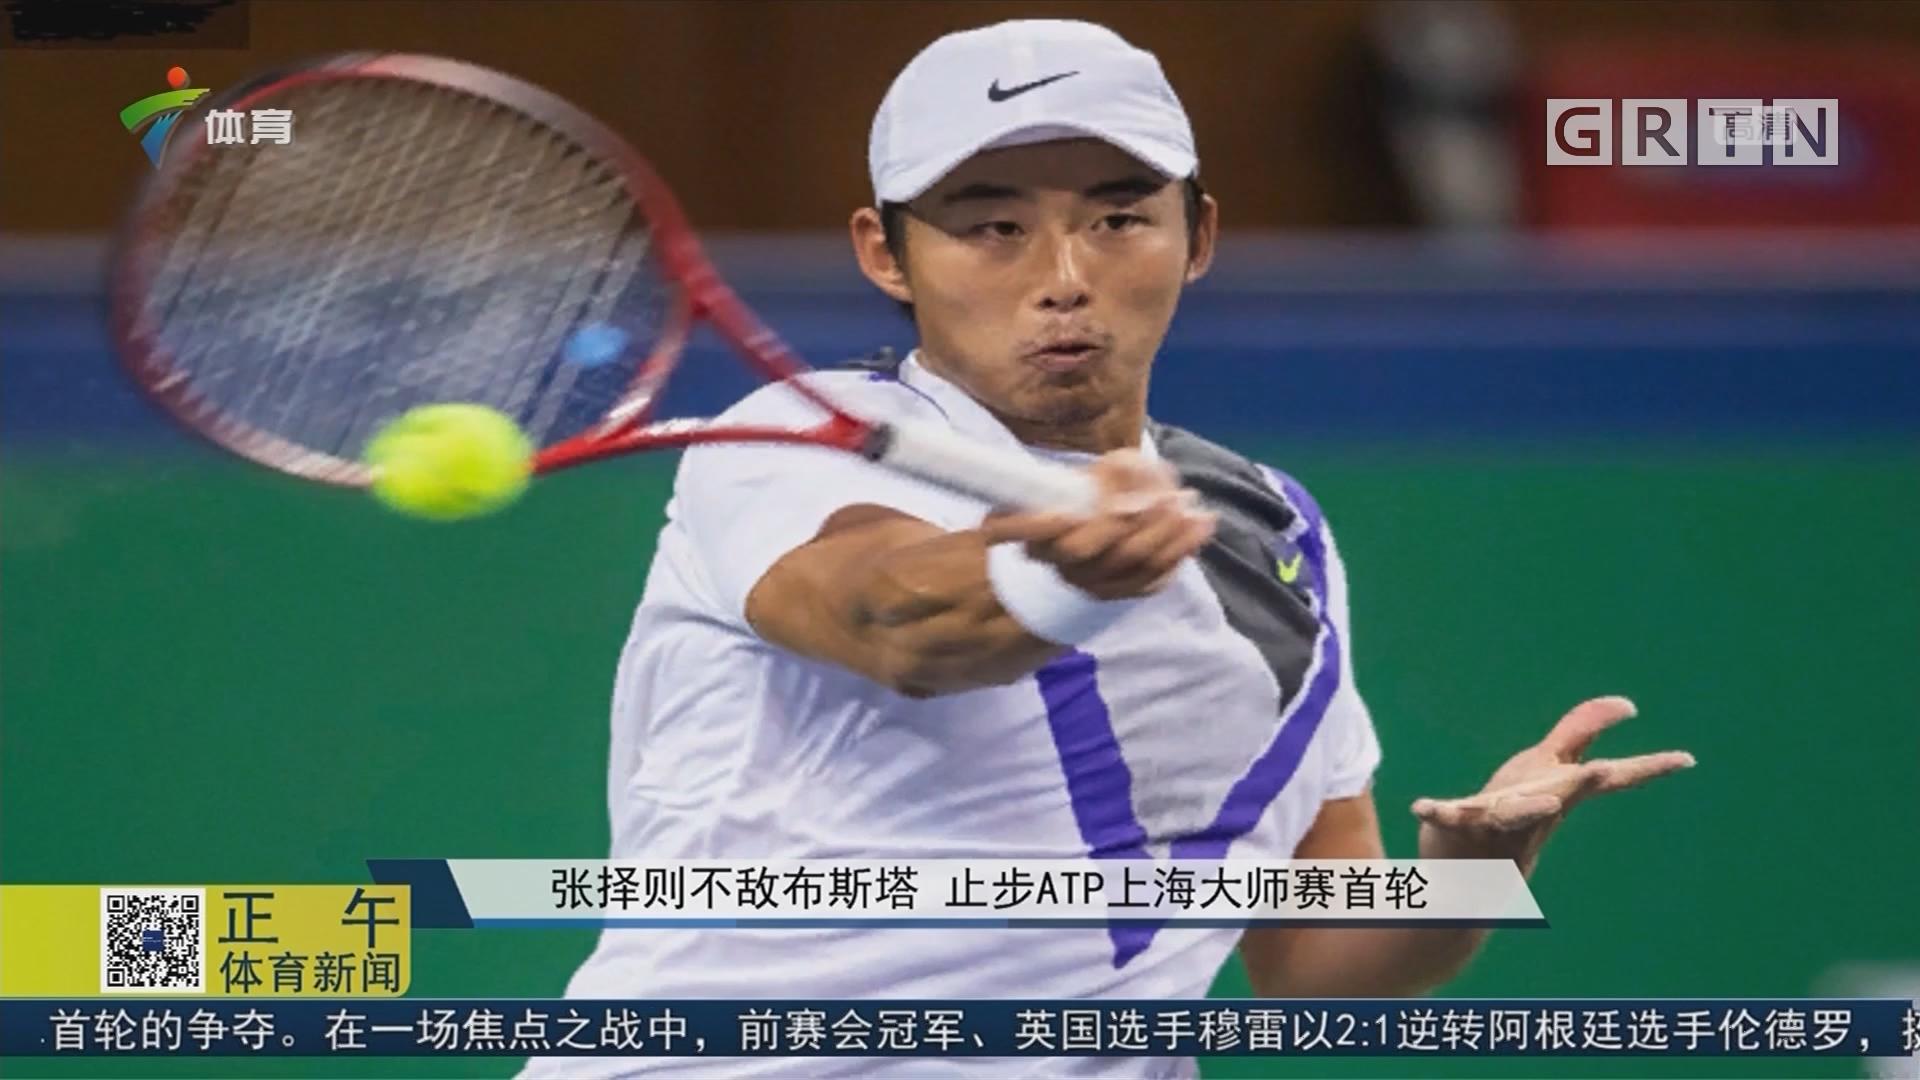 張擇不敵布斯塔 止步ATP上海大師賽首輪